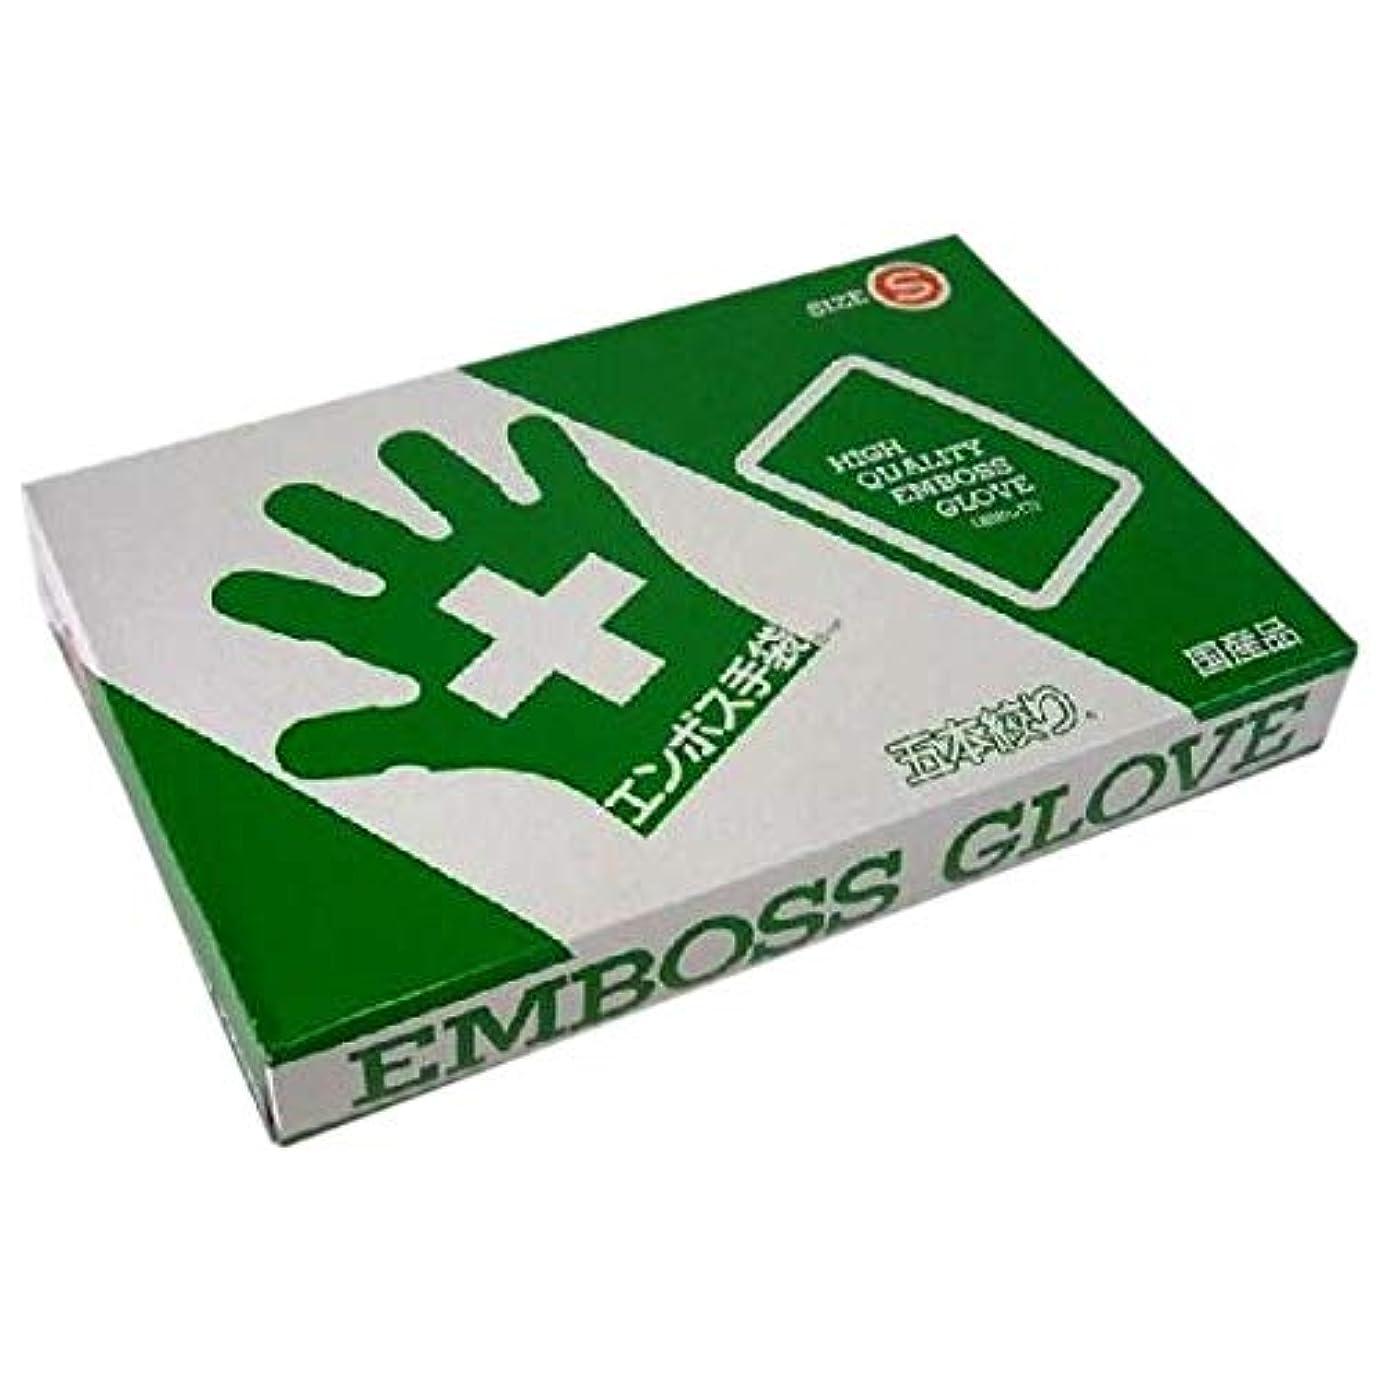 可能性縮れた徴収エンボス手袋 5本絞り(使い捨て手袋国産品) 東京パック S 200枚入x20箱入り